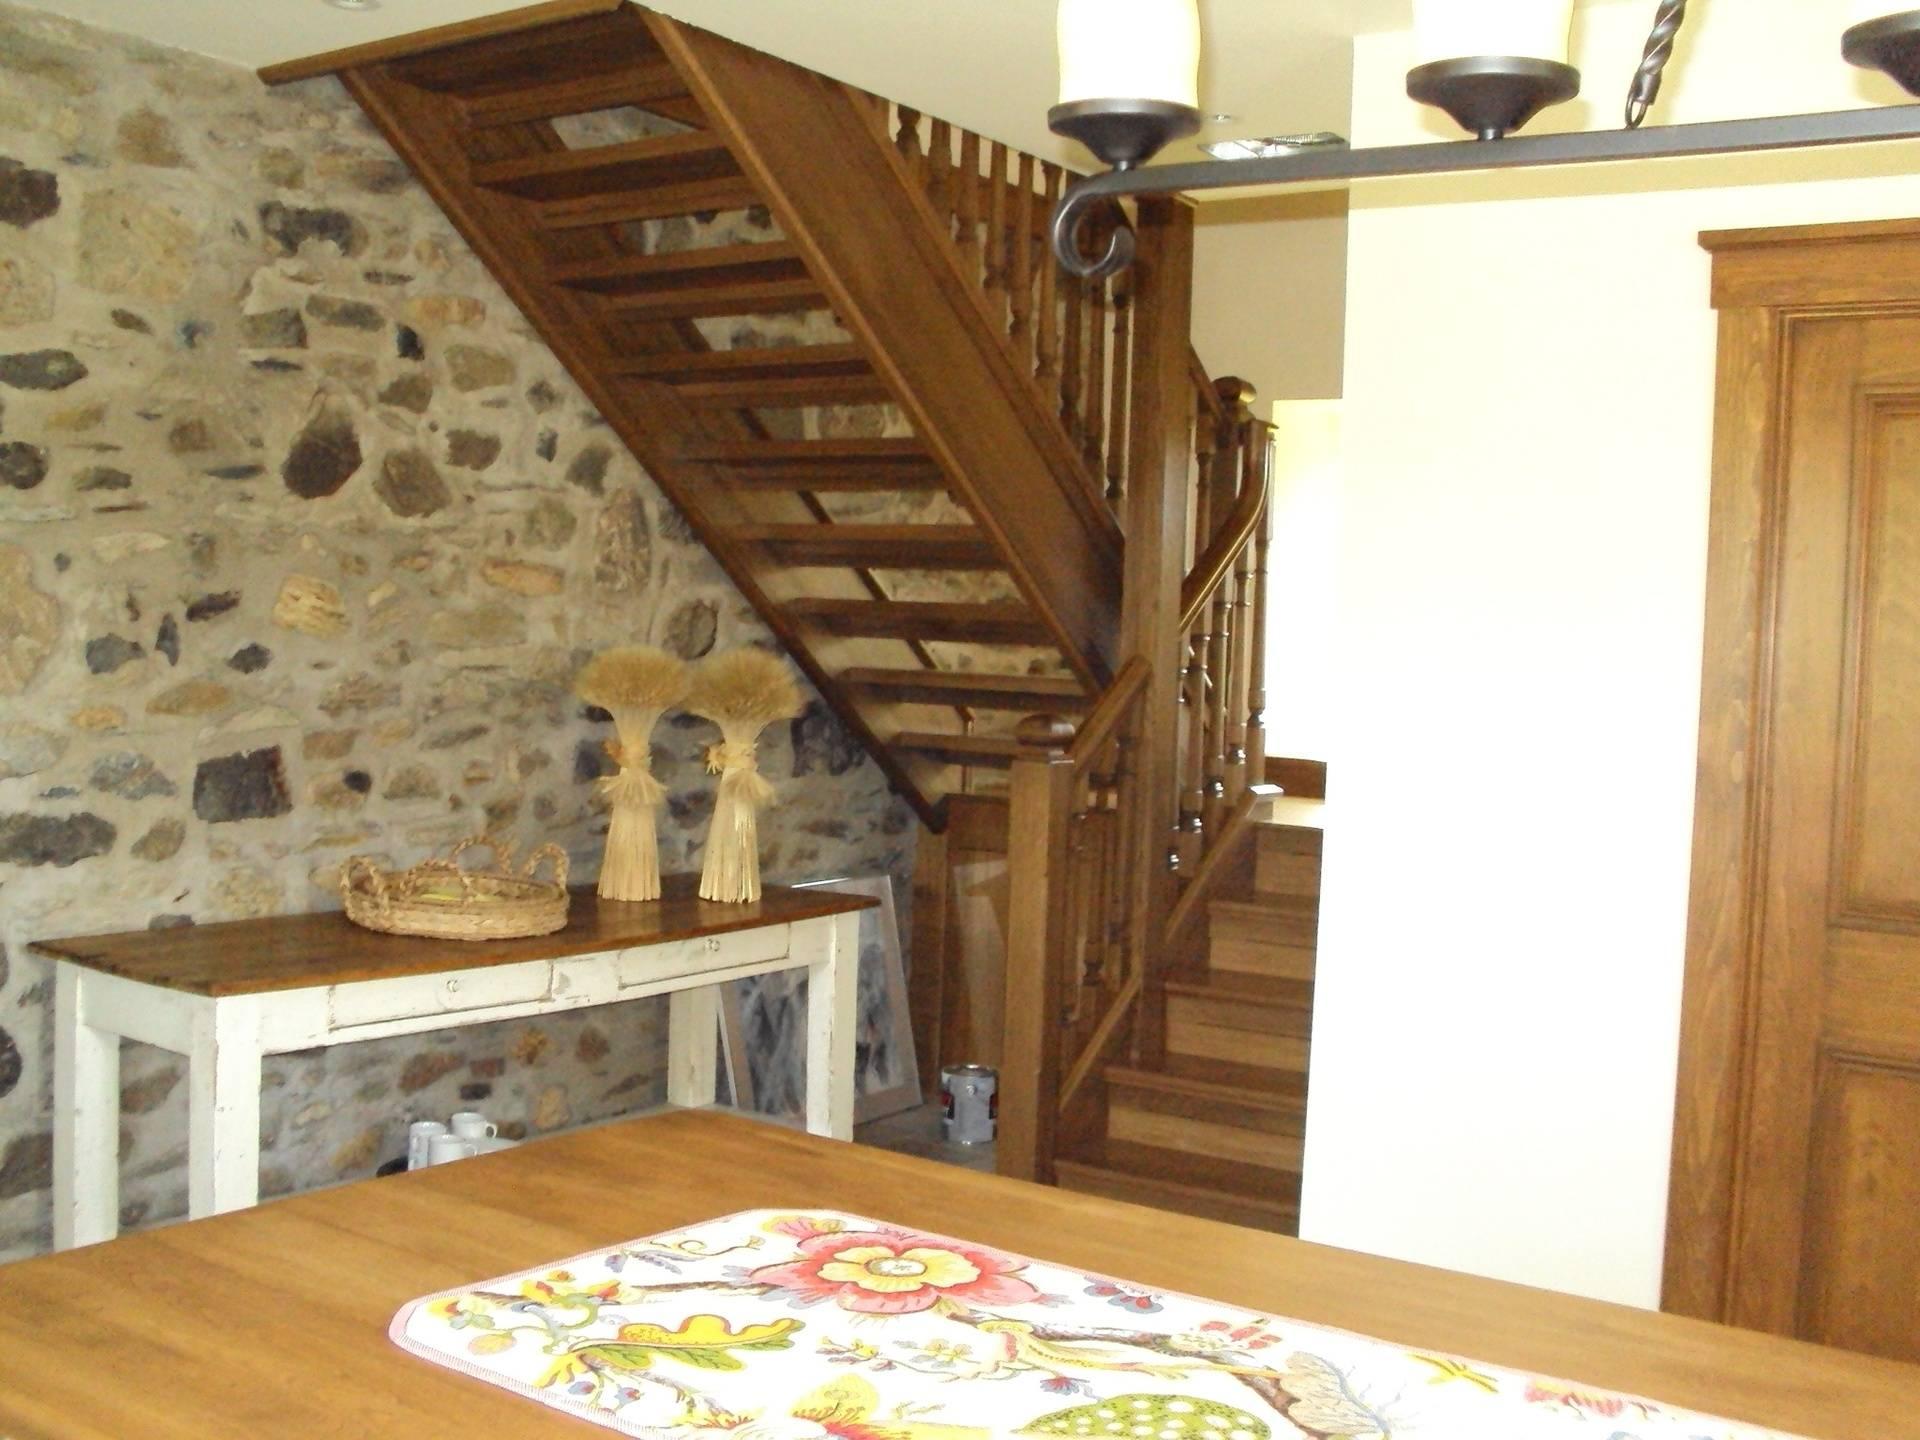 Escalier de bois à limons pleins et barreaux carrés